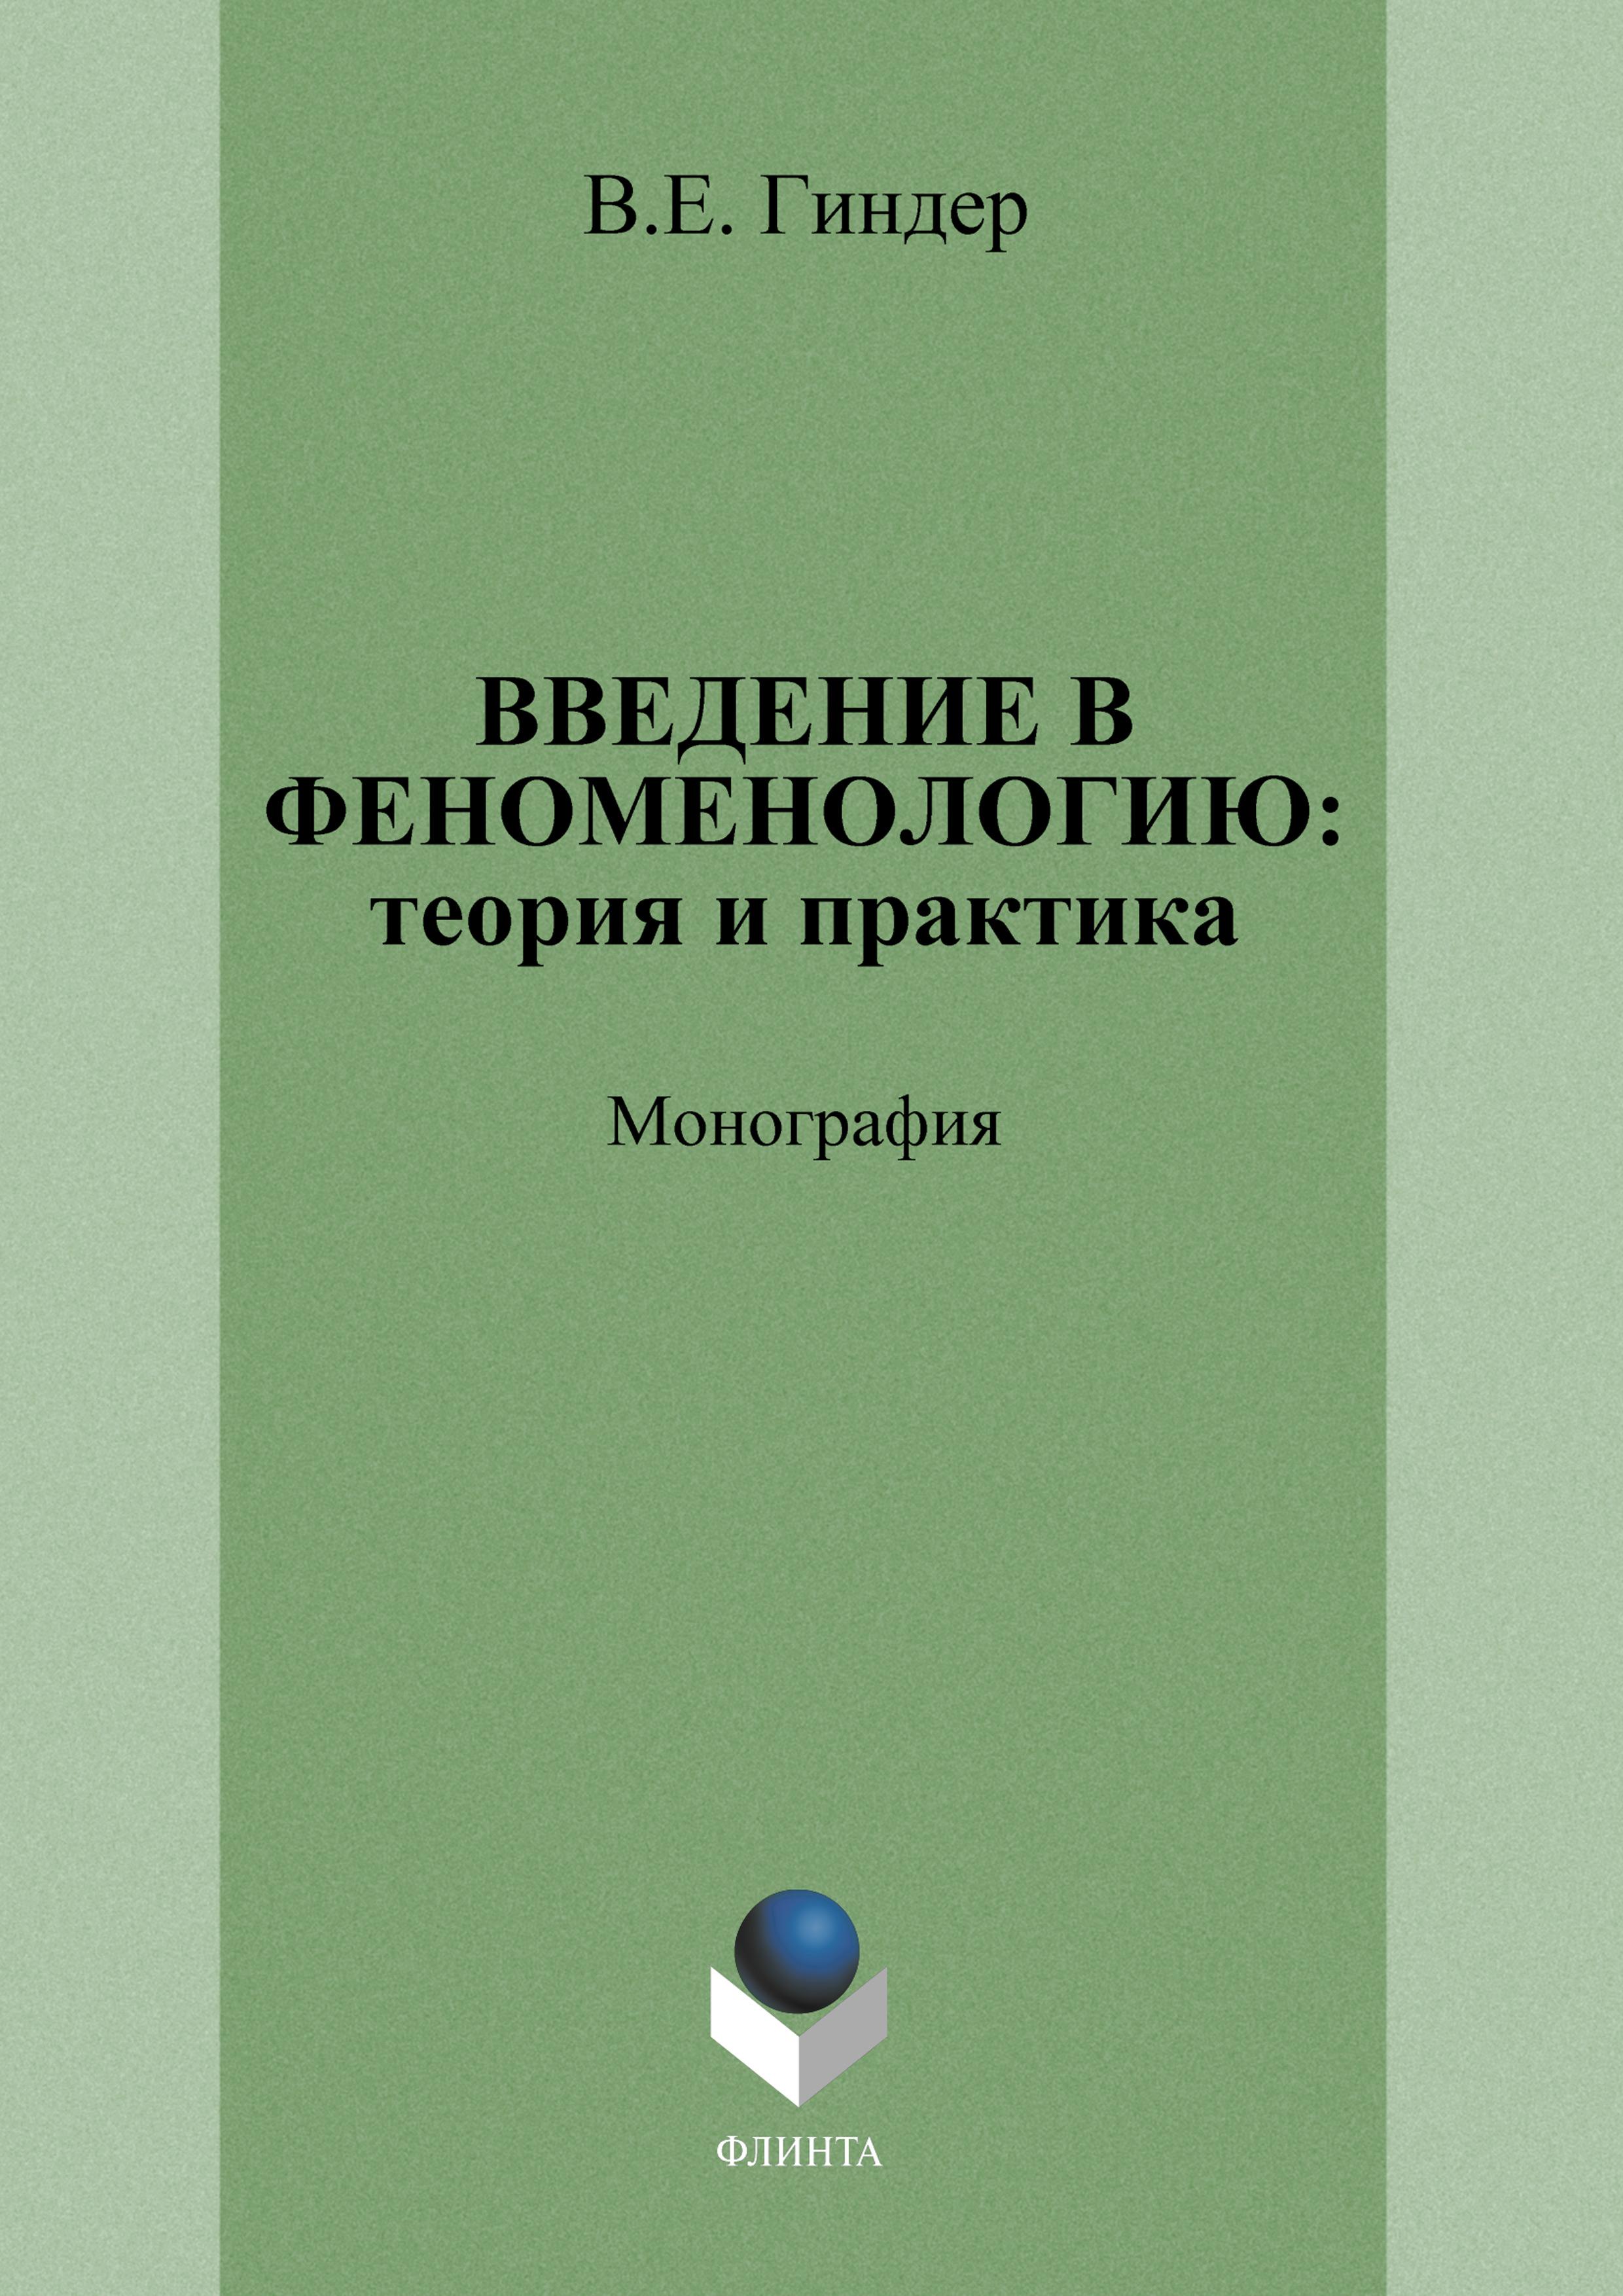 В. Е. Гиндер Введение в феноменологию: теория и практика